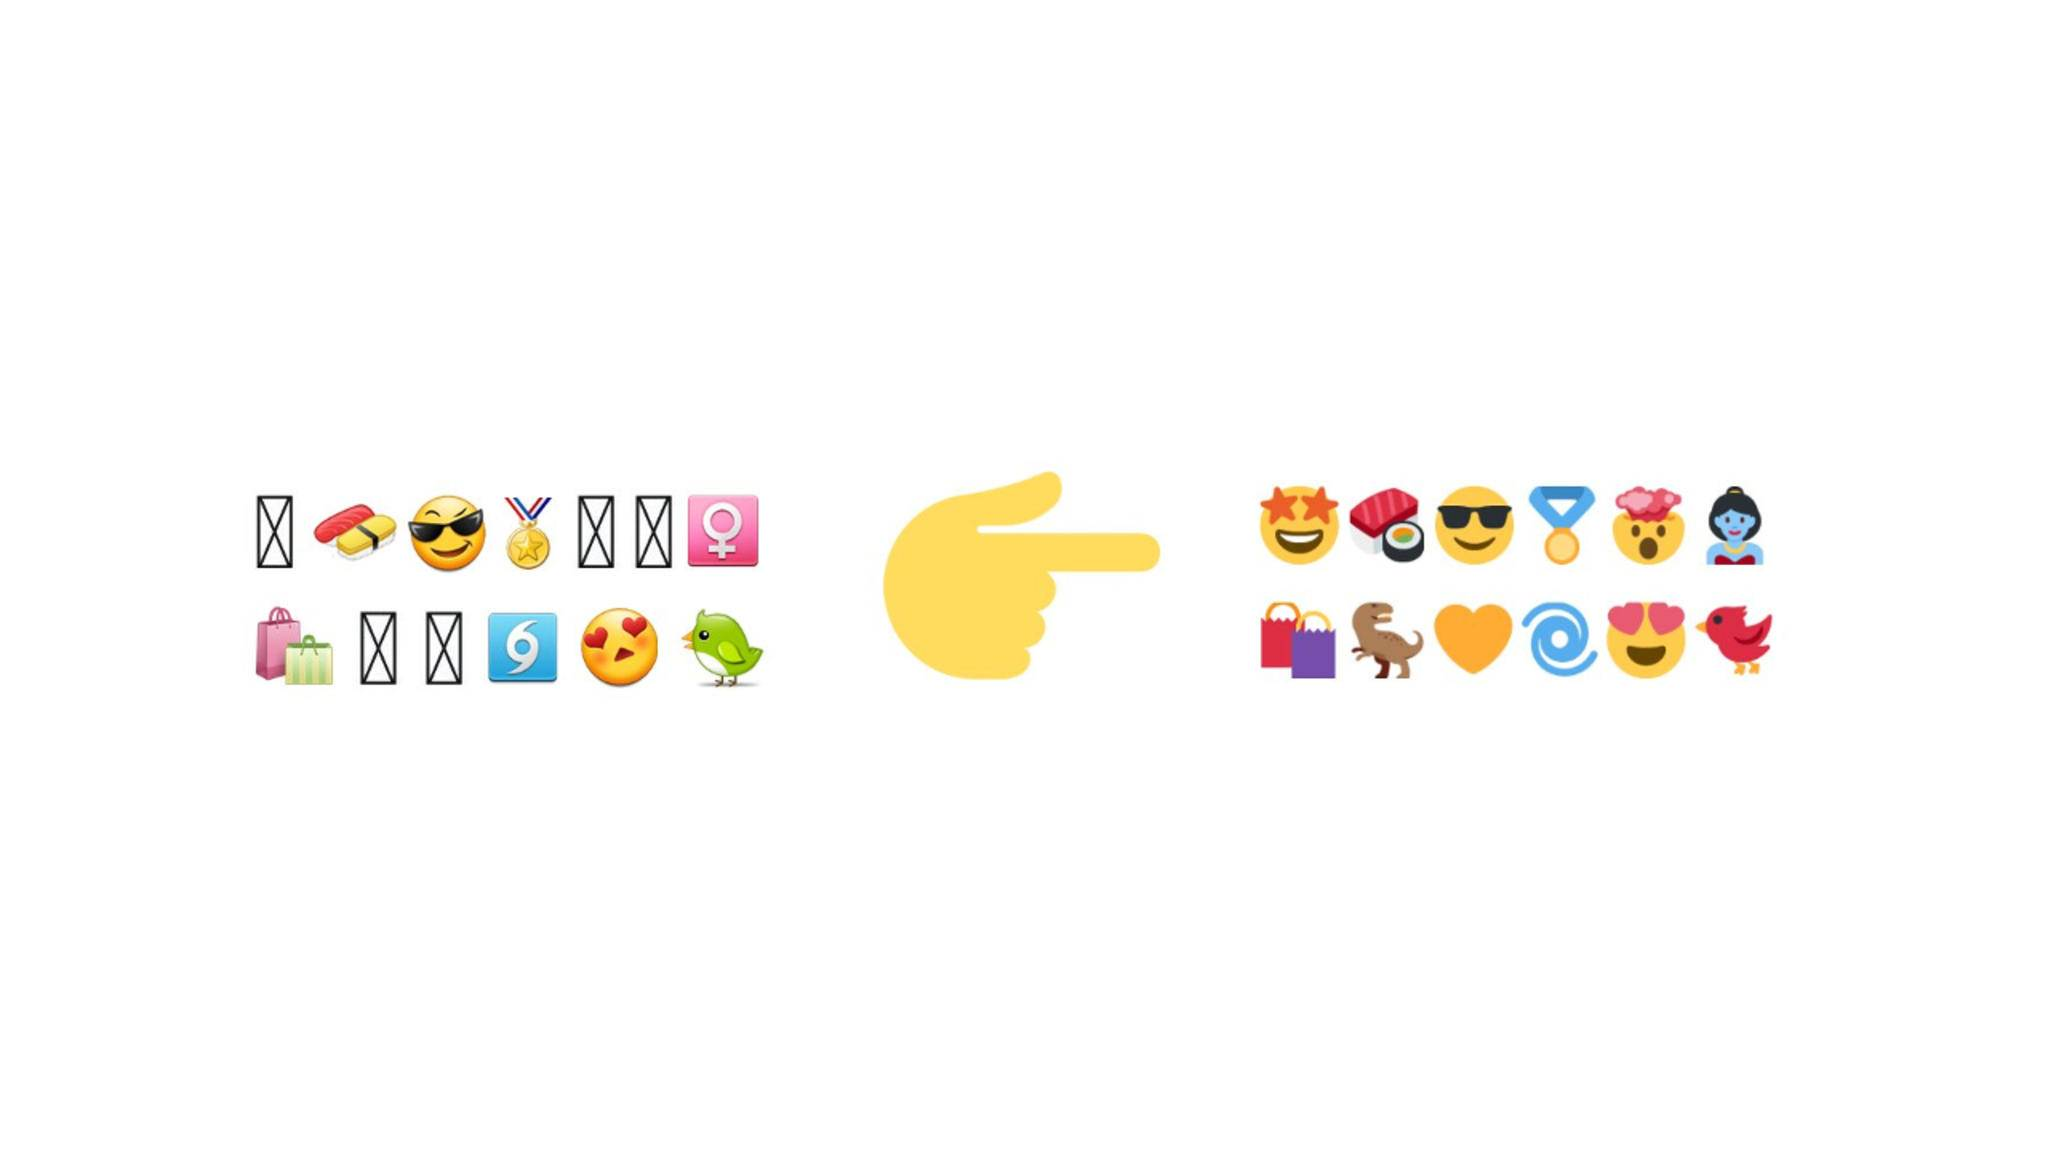 Twitter verabschiedet sich von den Android-Emojis.